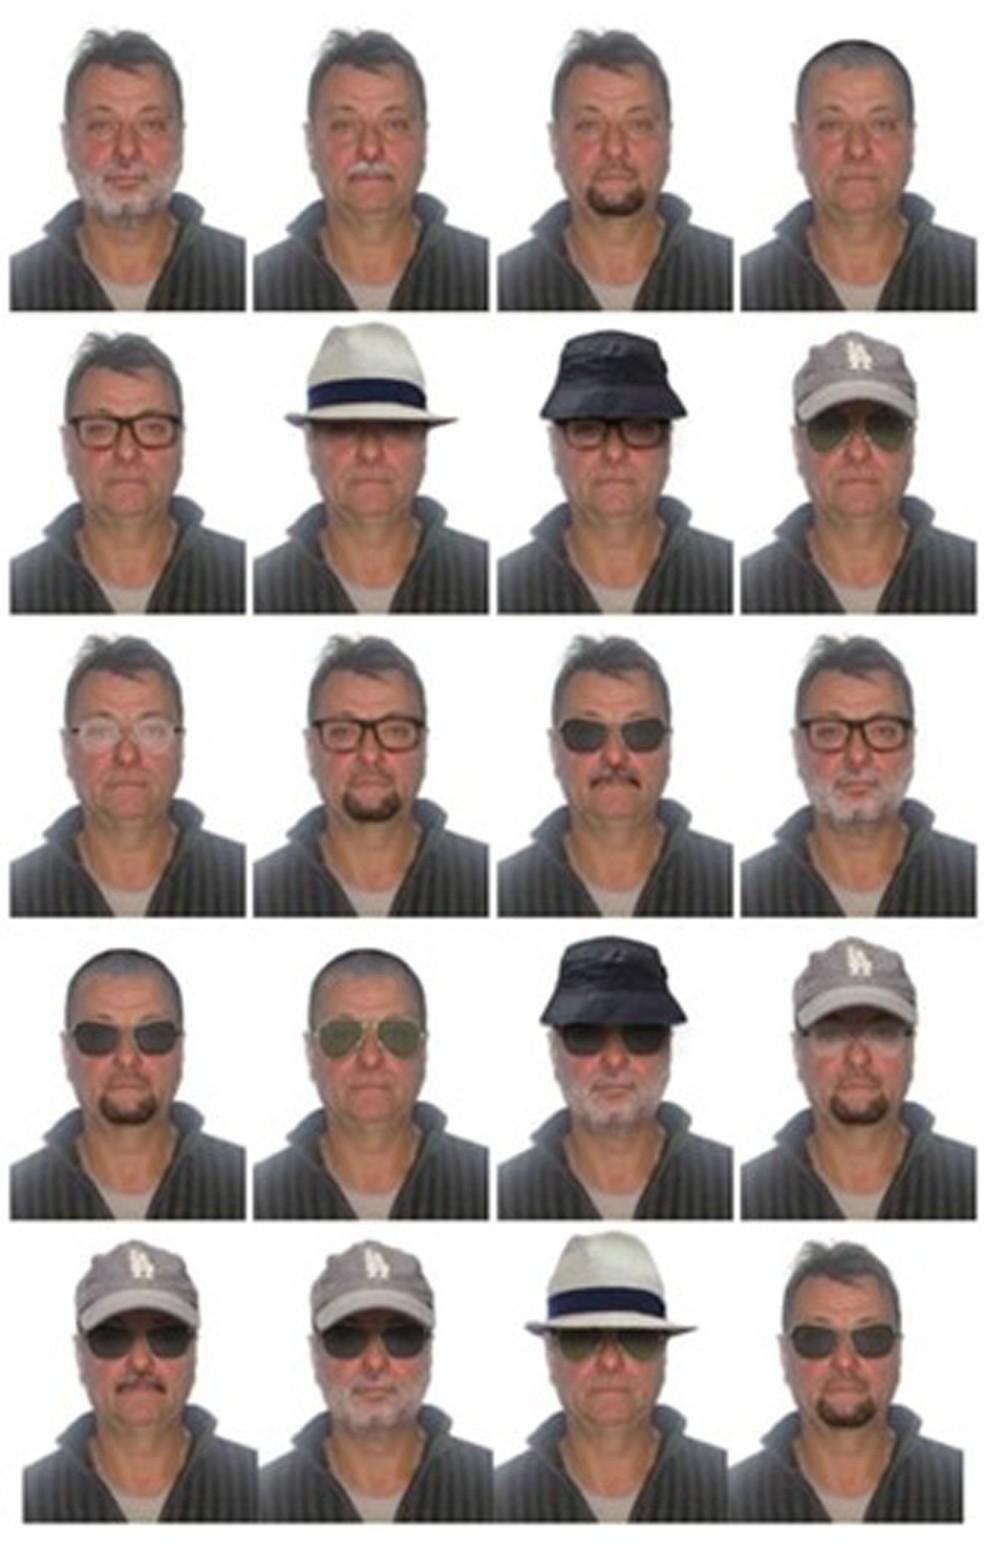 Polícia Federal divulgou simulações de possíveis disfarces de Cesare Battisti — Foto: Divulgação/Polícia Federal